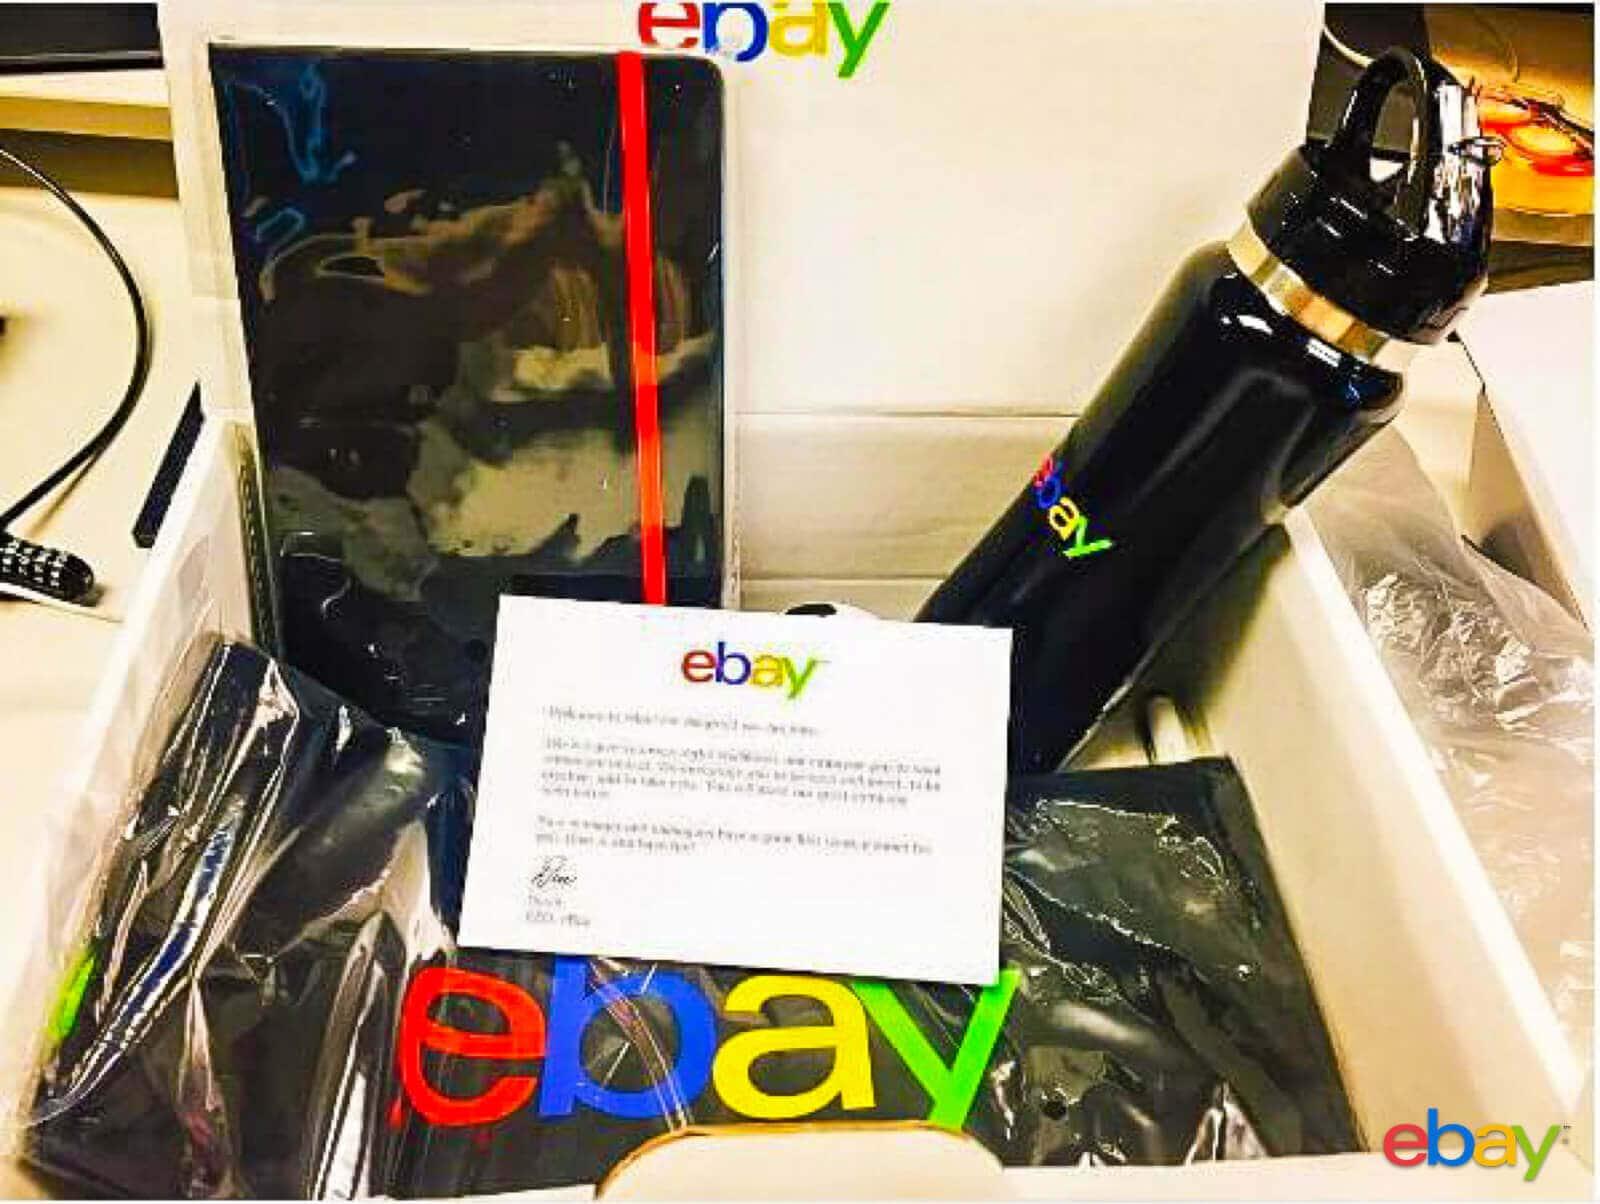 ebay-new employee welcome kit example